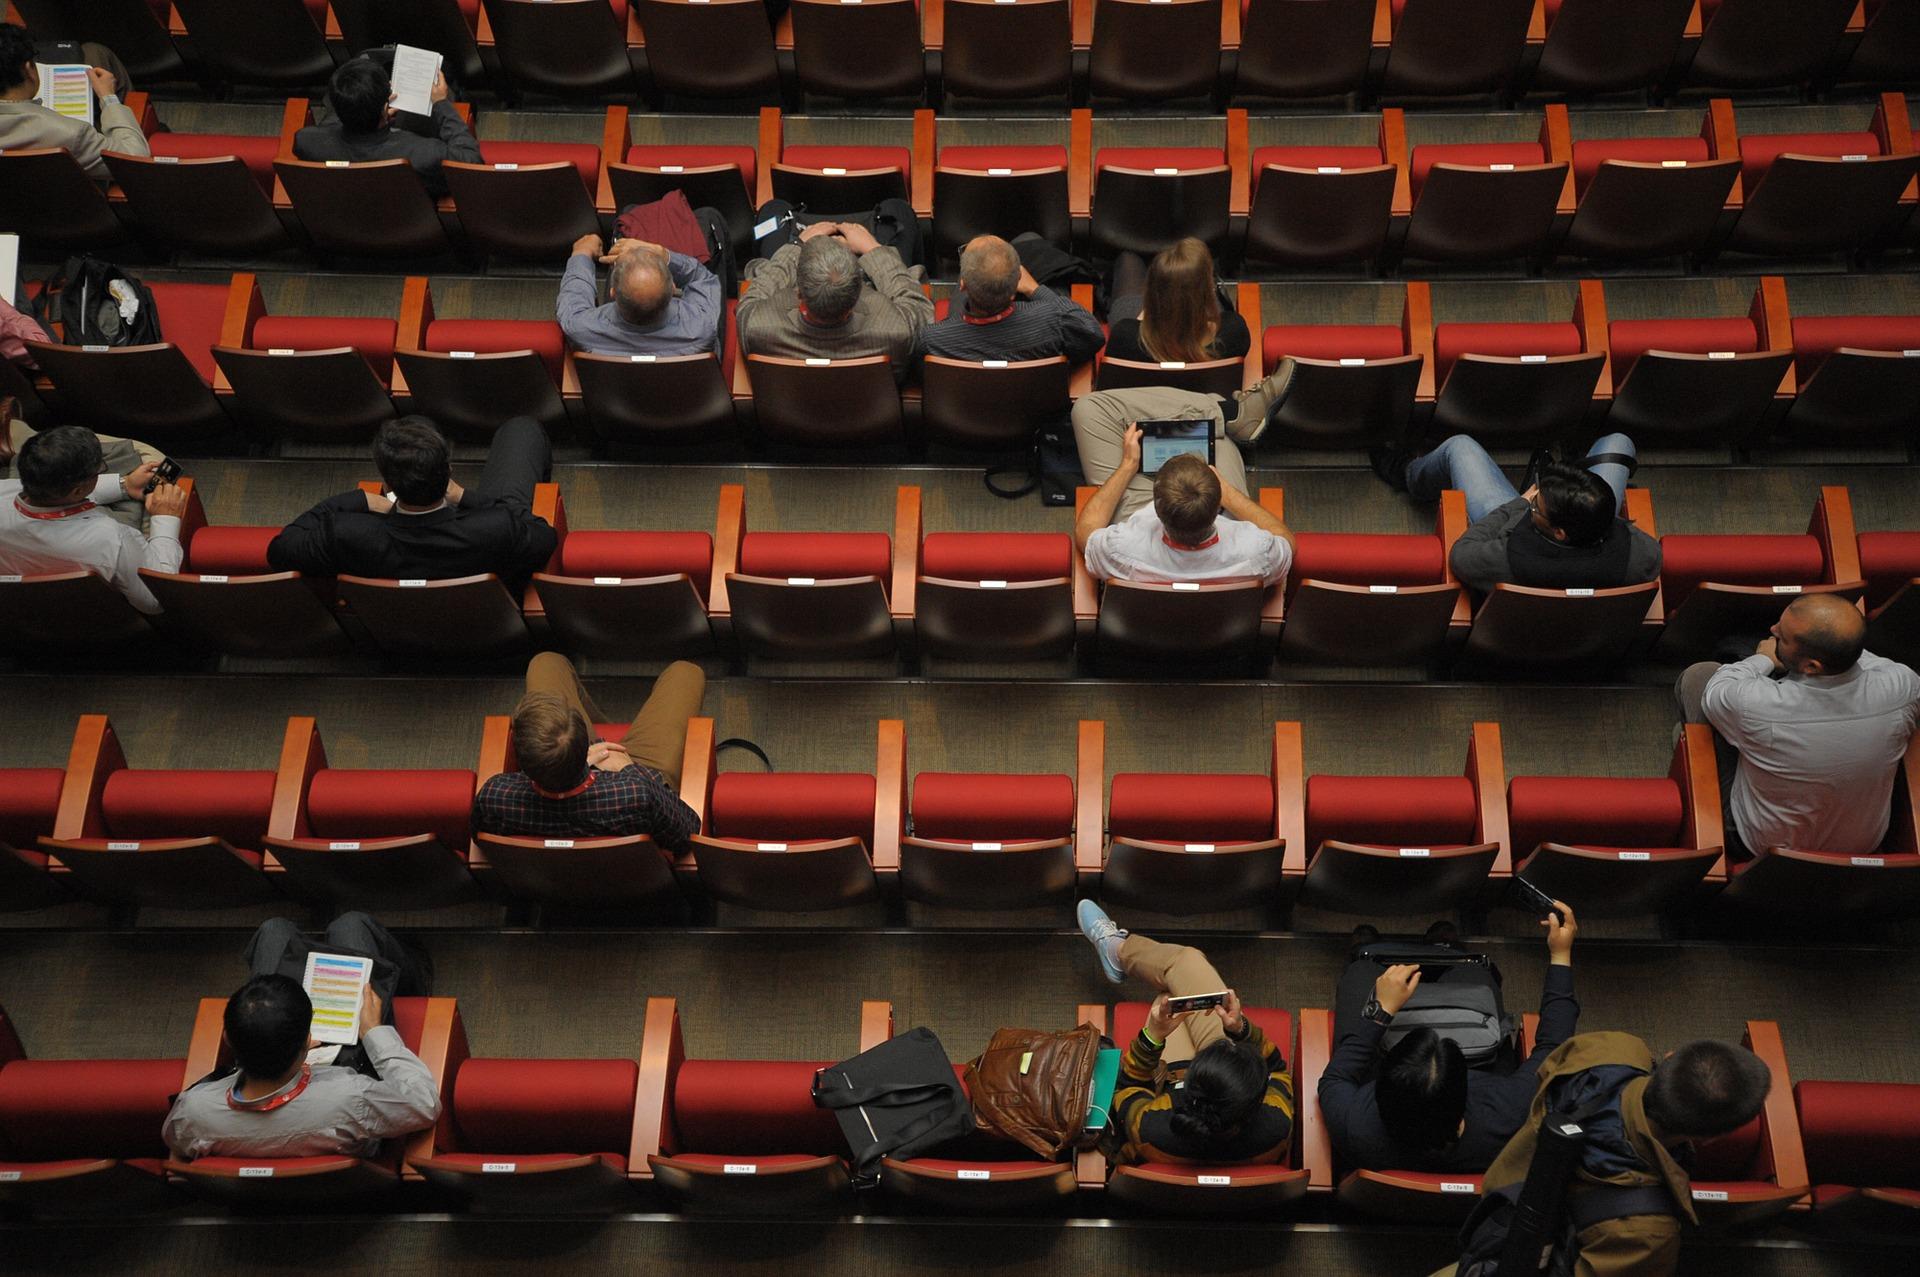 Das Foto zeigt ein Auditorium von oben. Das Auditorium ist mit roten Samtstuhlreihen bestuhlt. Die Stühle sind lückenhaft besetzt. Einige Personen haben einen Laptop auf dem Schoß.